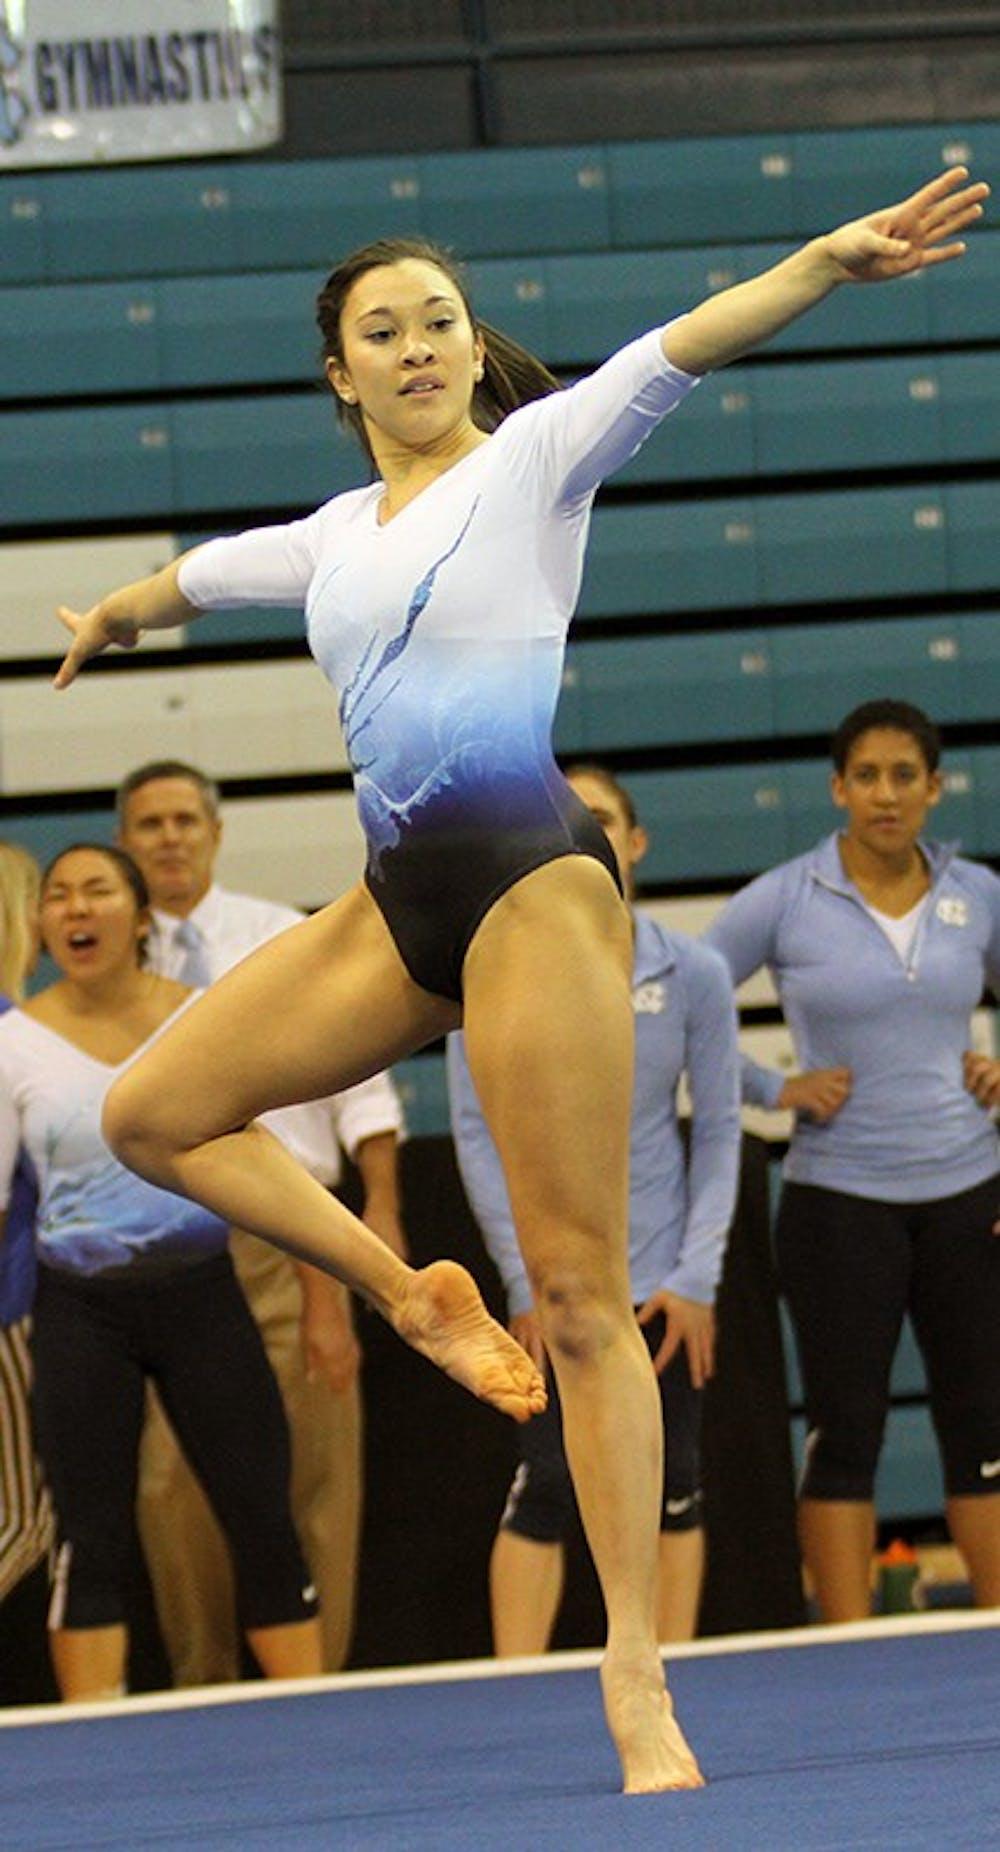 Aloi, Cosentino boost gymnastics team to win